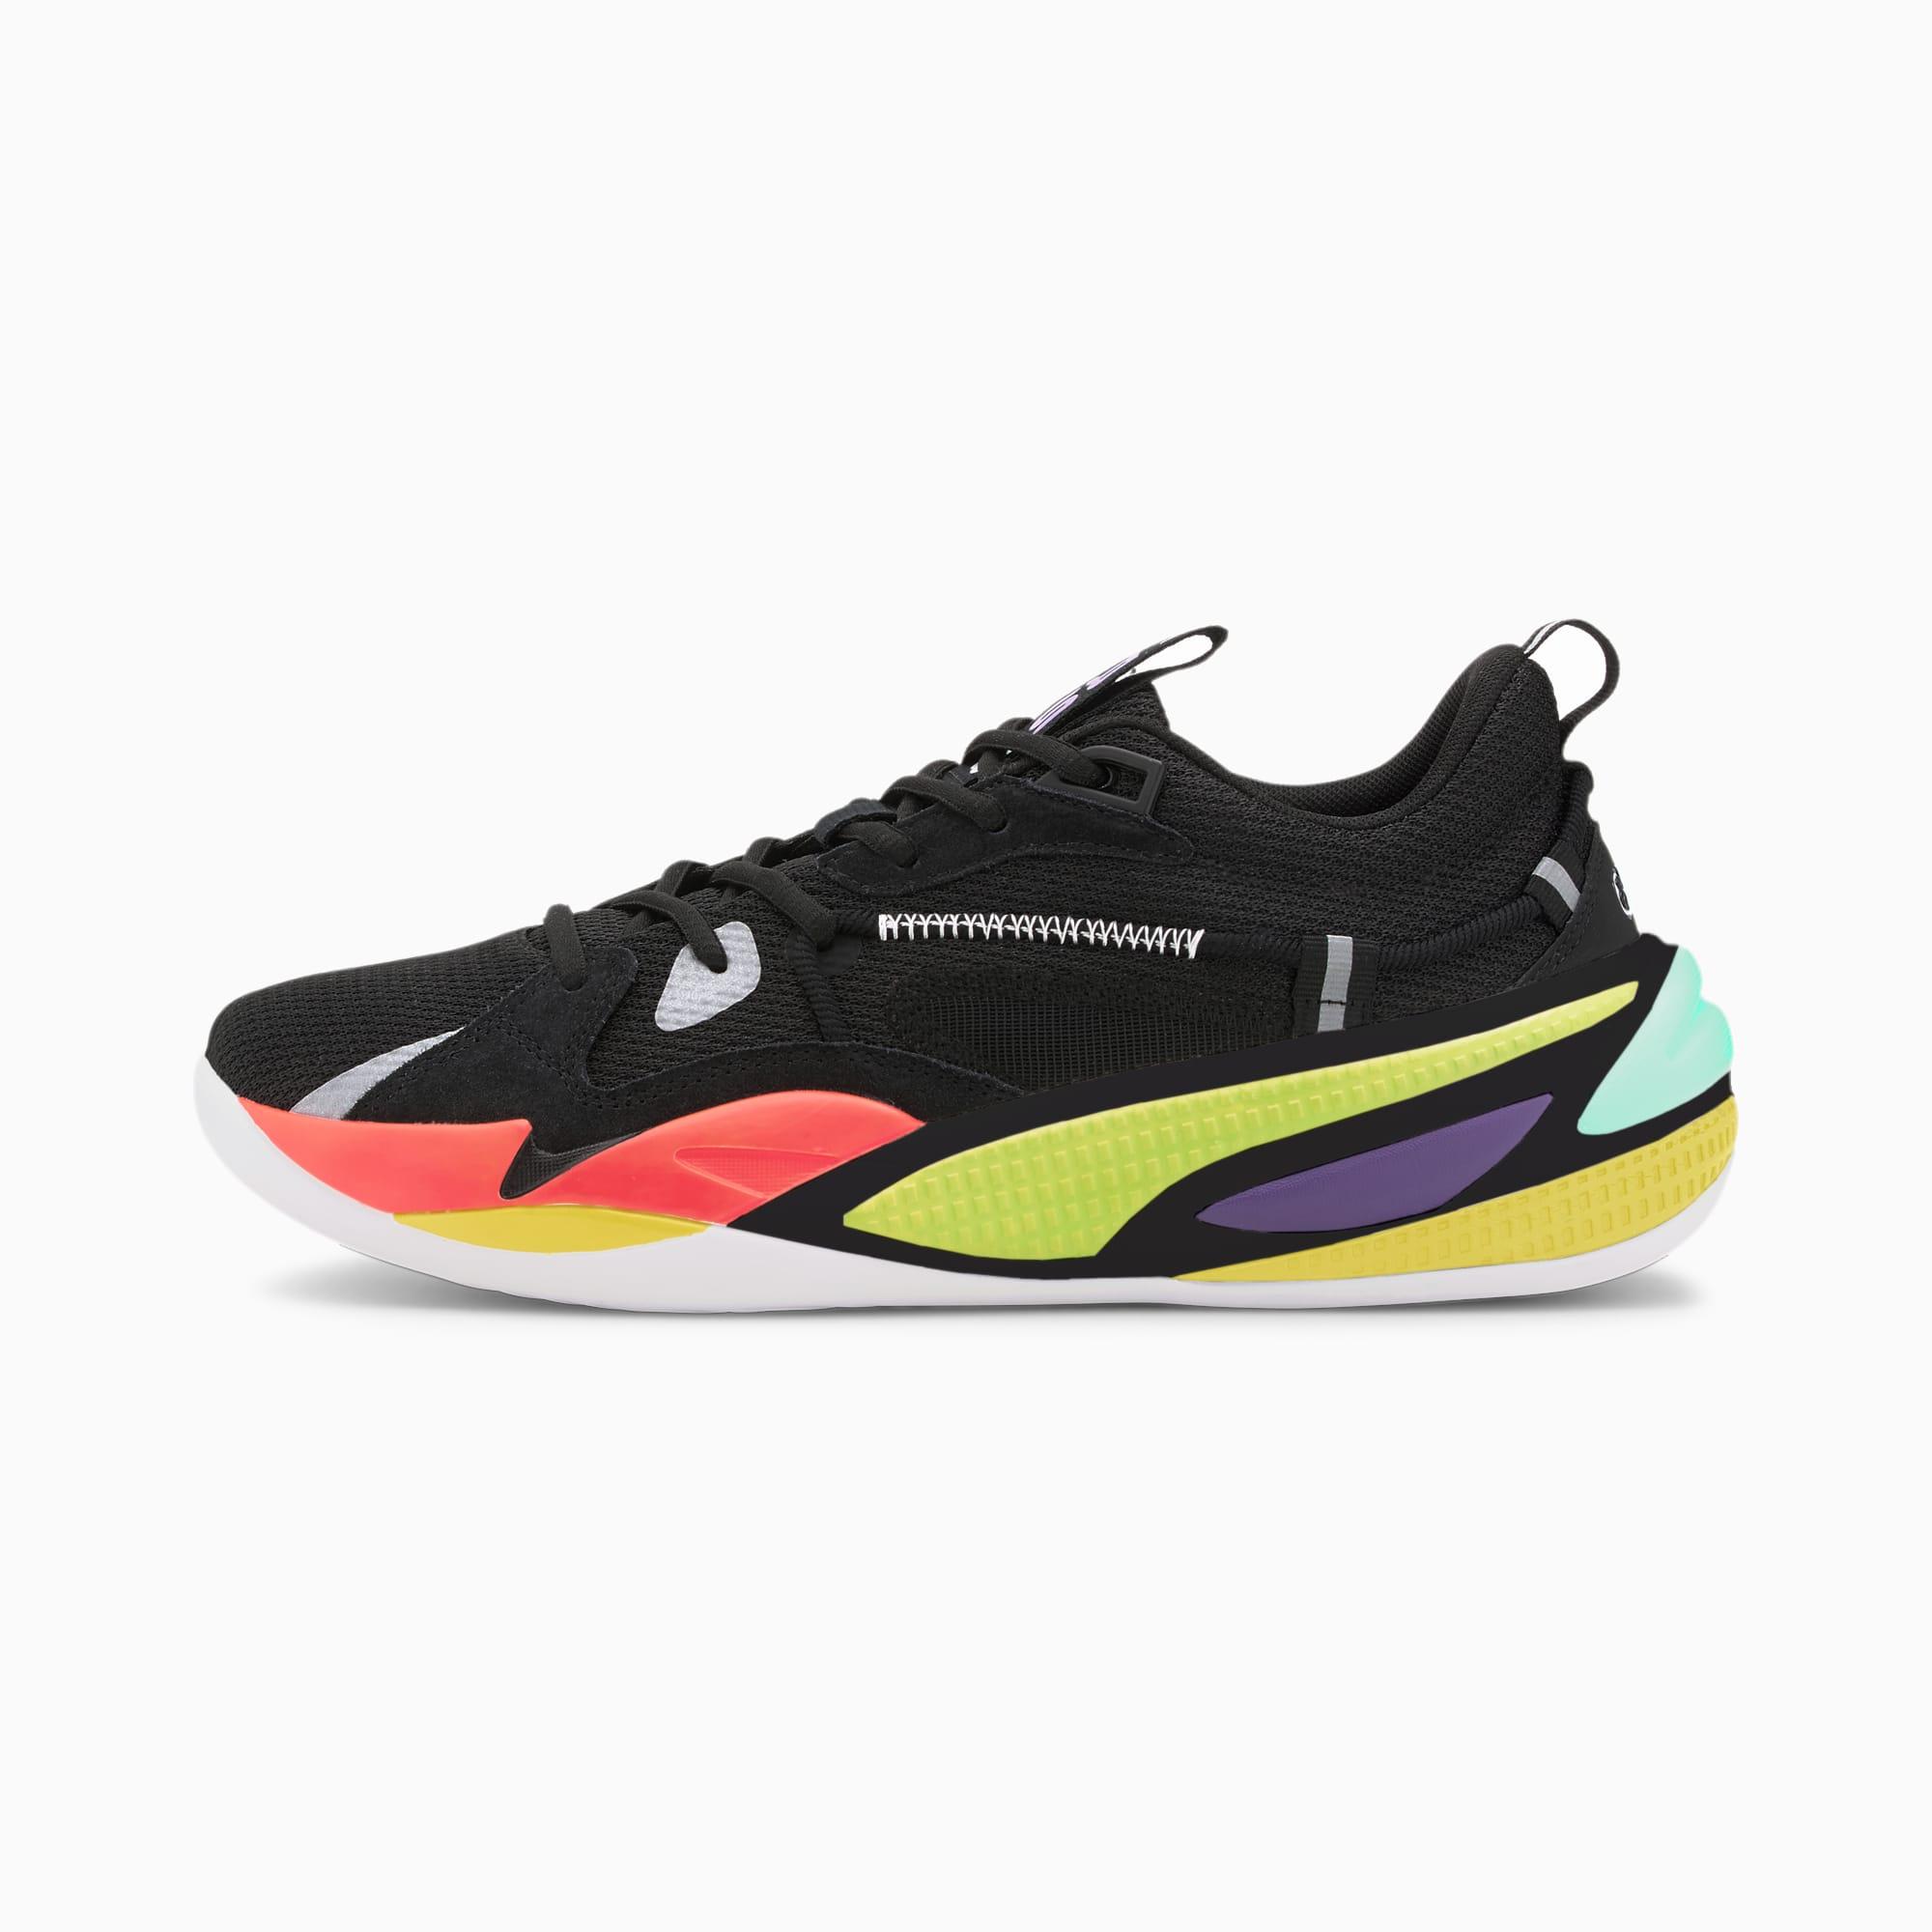 PUMA Chaussure de basket RS-Dreamer Proto, Noir/Rouge, Taille 45, Chaussures